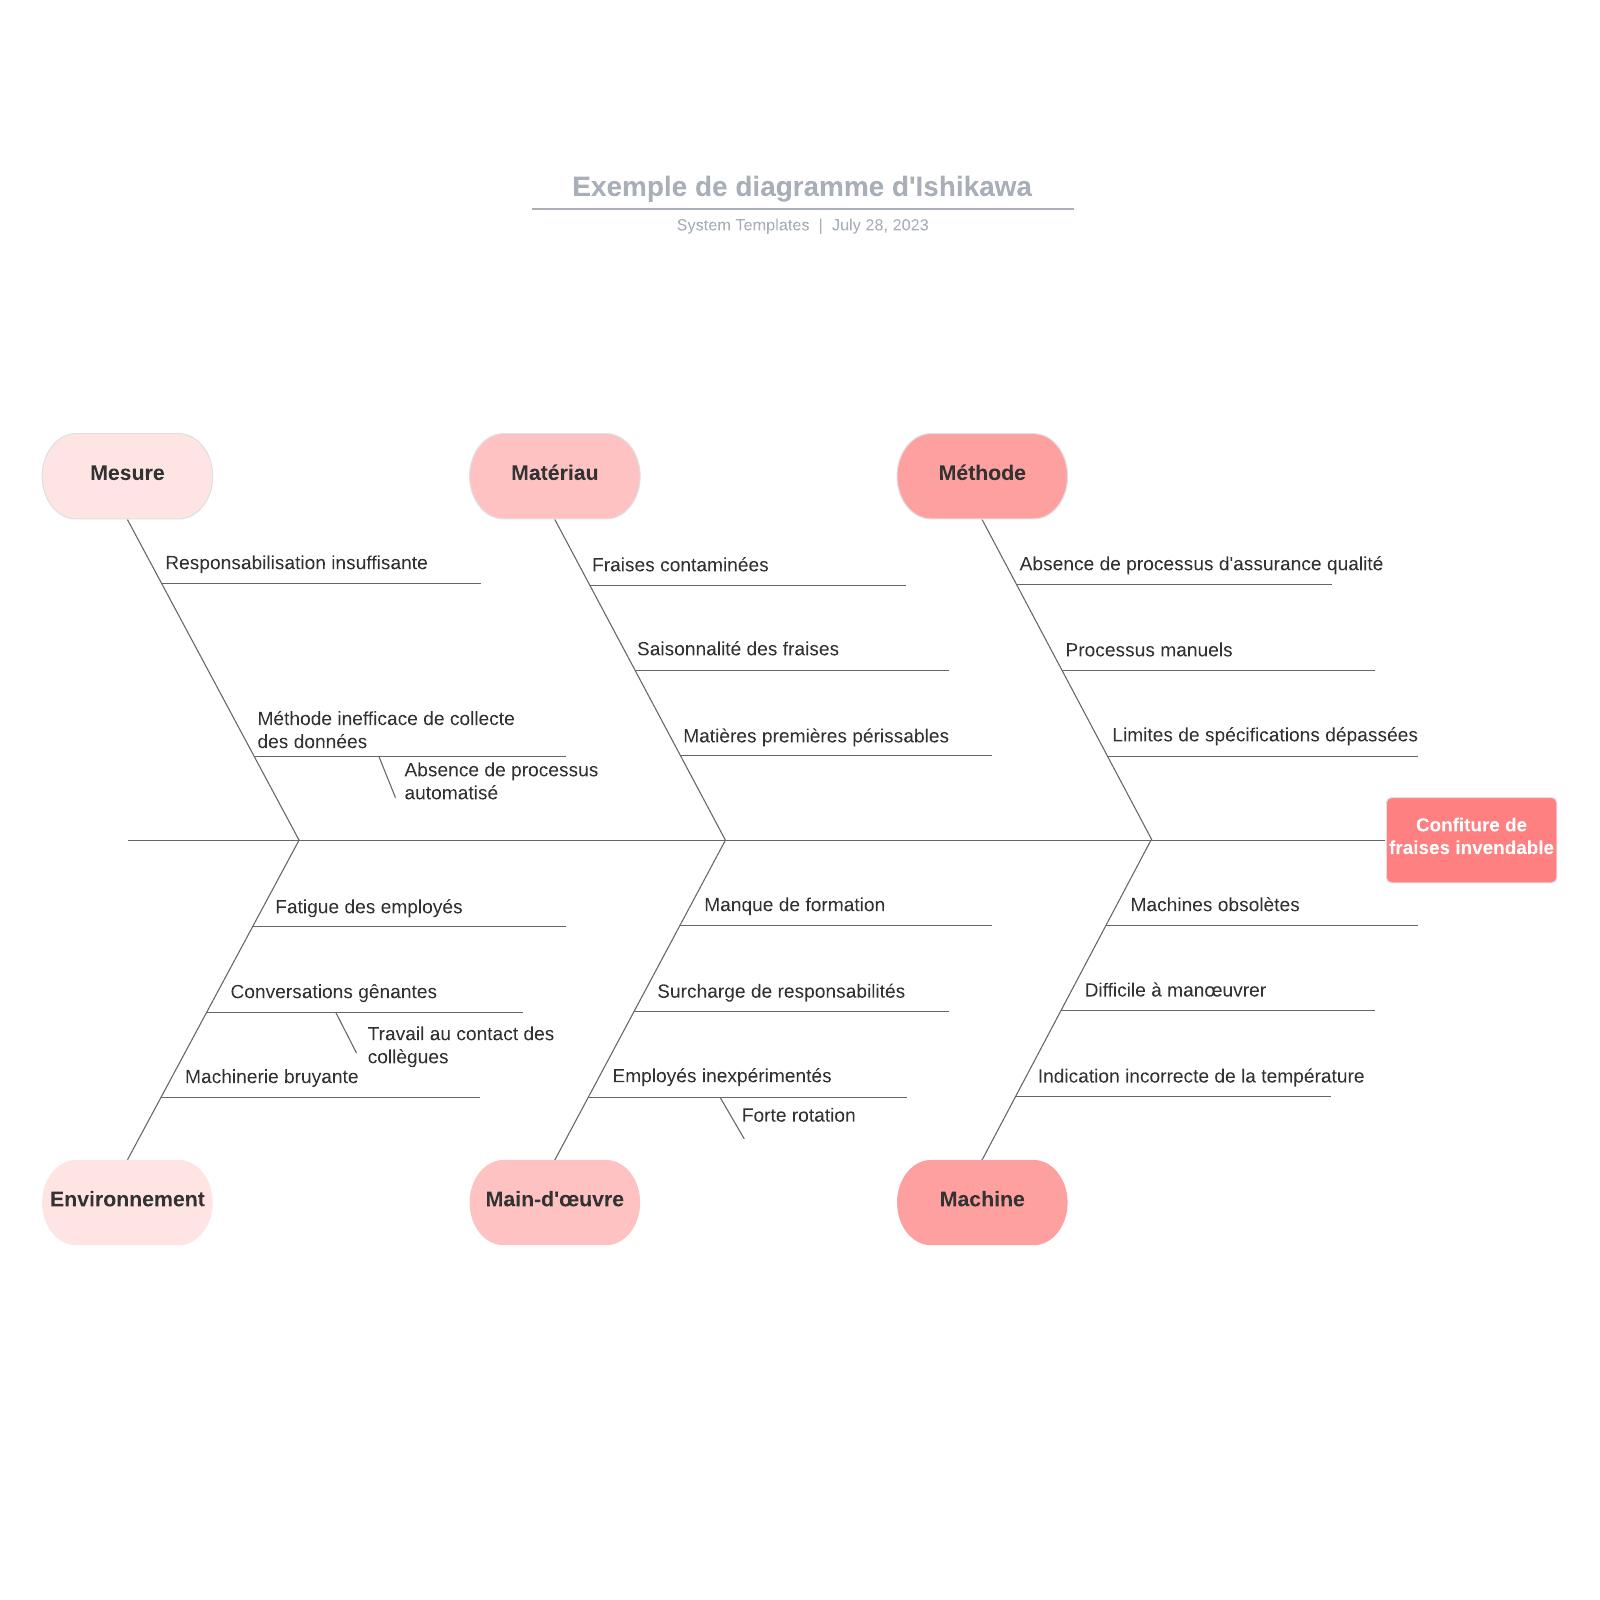 exemple de diagramme d'Ishikawa